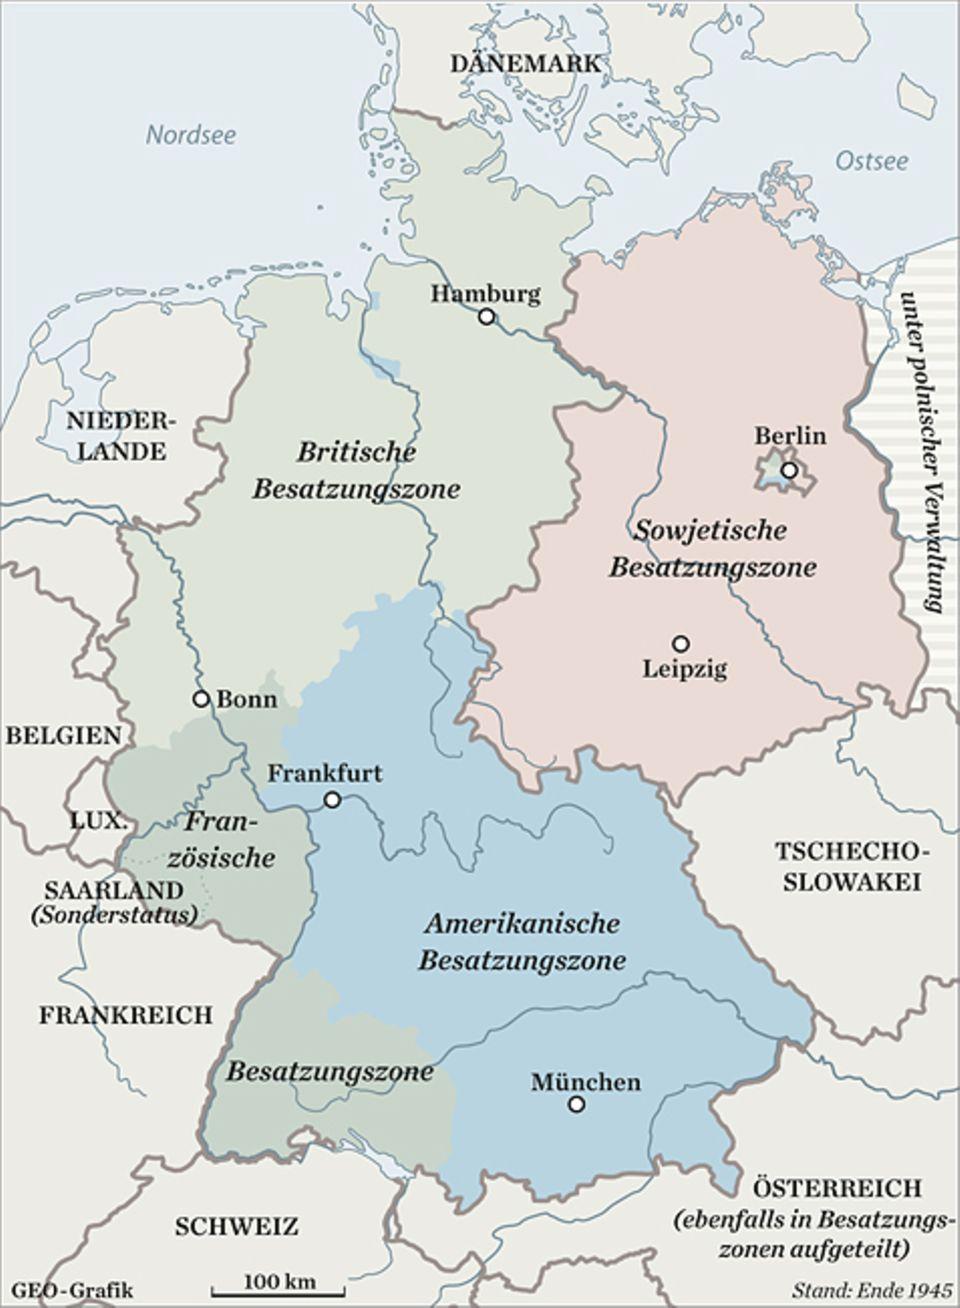 Kriegsende 1945: Die UdSSR, USA und Großbritannien trennen Schlesien, Pommern und Ostpreußen von Deutschland ab, den Rest teilen die Siegermächte in vier Besatzungszonen auf, Berlin bleibt unter gemeinsamer Verwaltung